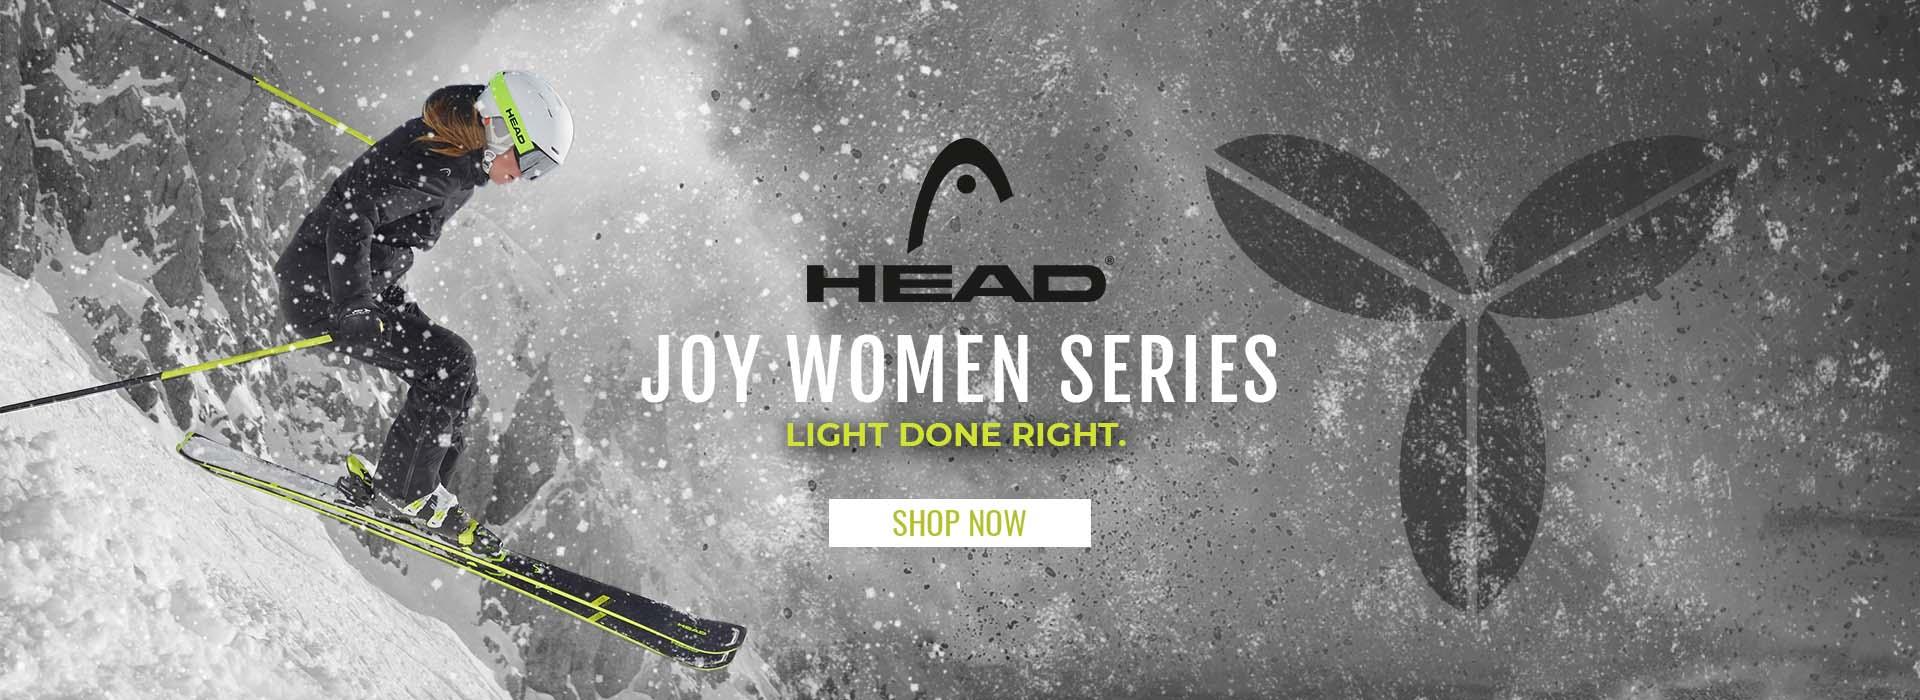 Women_Head_Joy